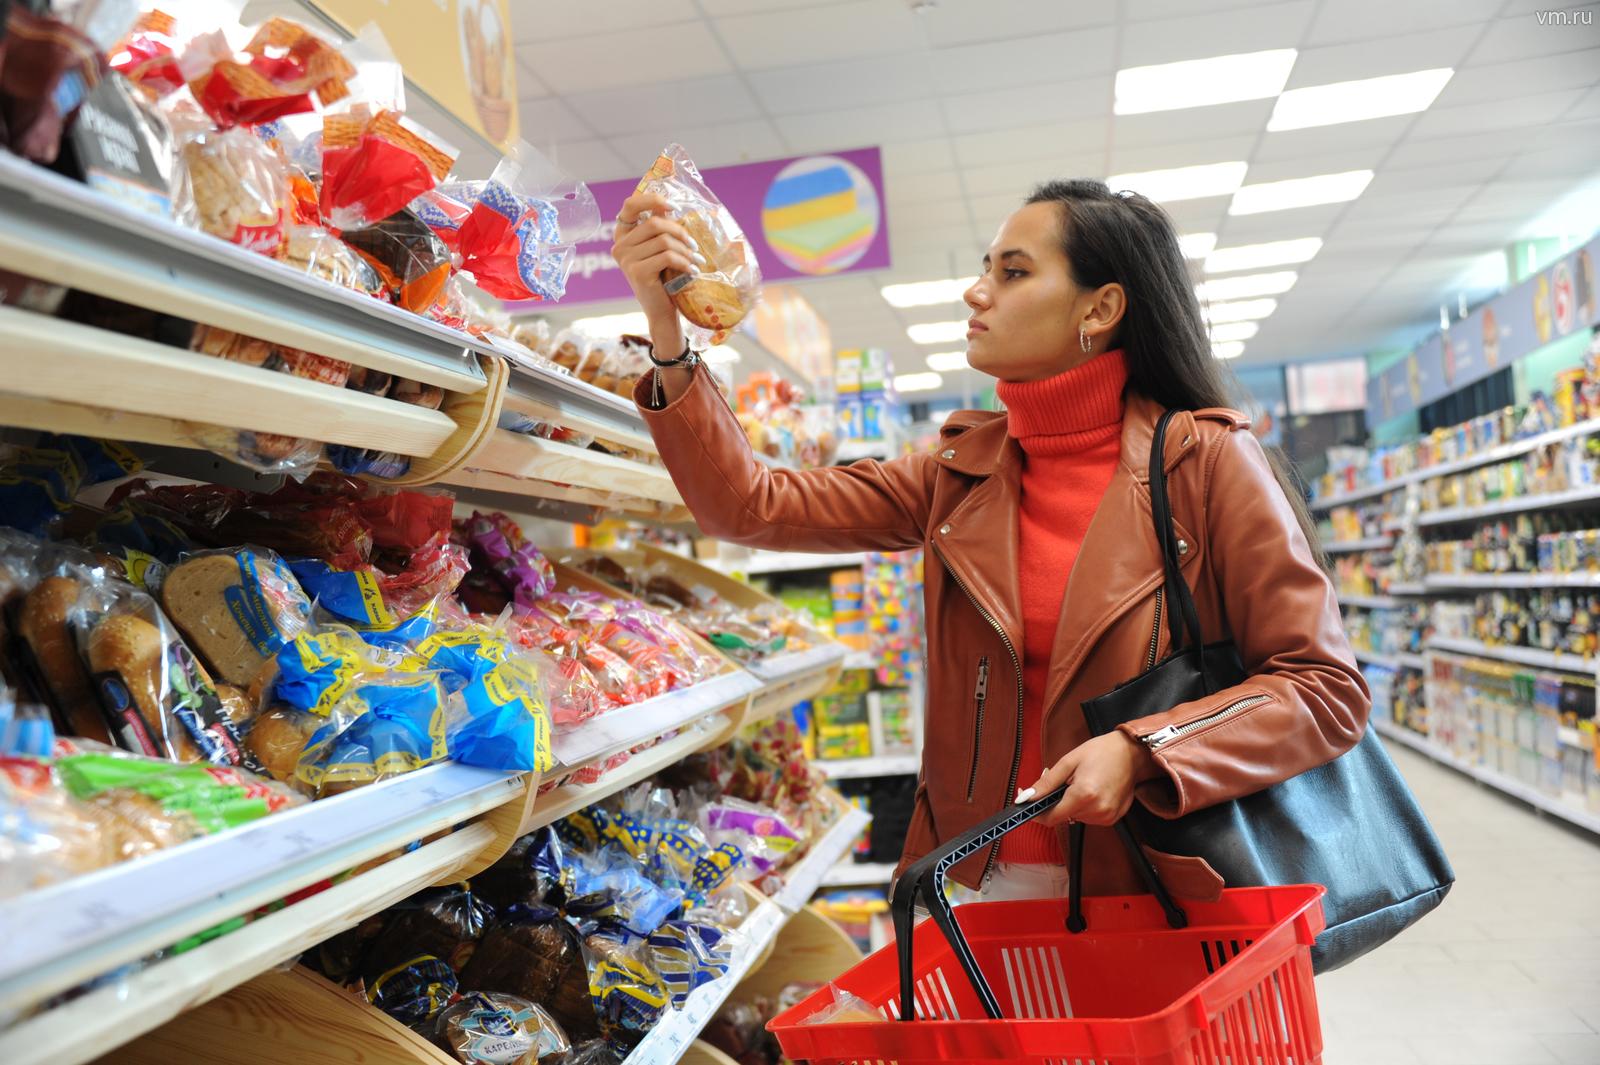 Медики назвали продукты, от которых стоит отказаться навсегда